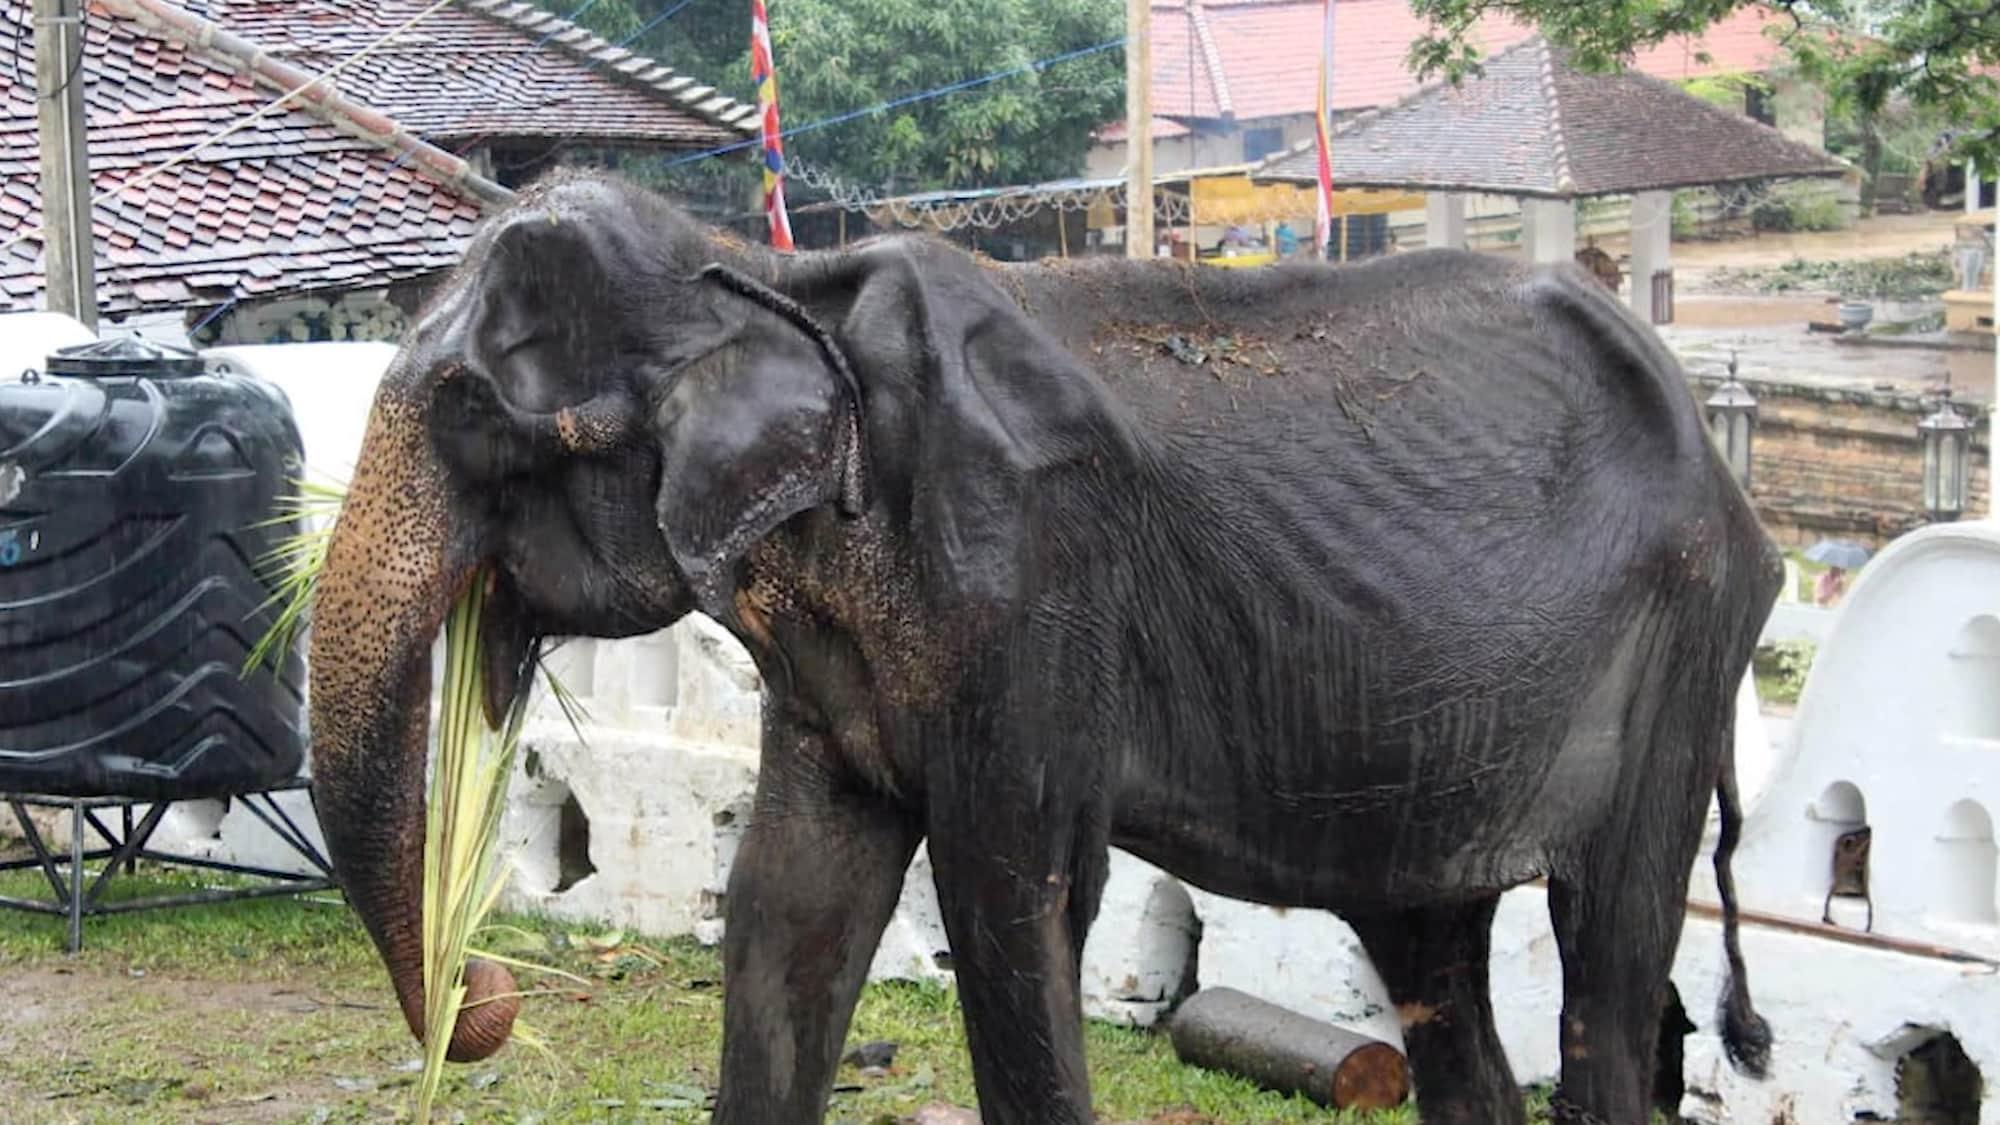 Weltweite Empörung: 70-jähriger Elefant muss bei Parade mitlaufen